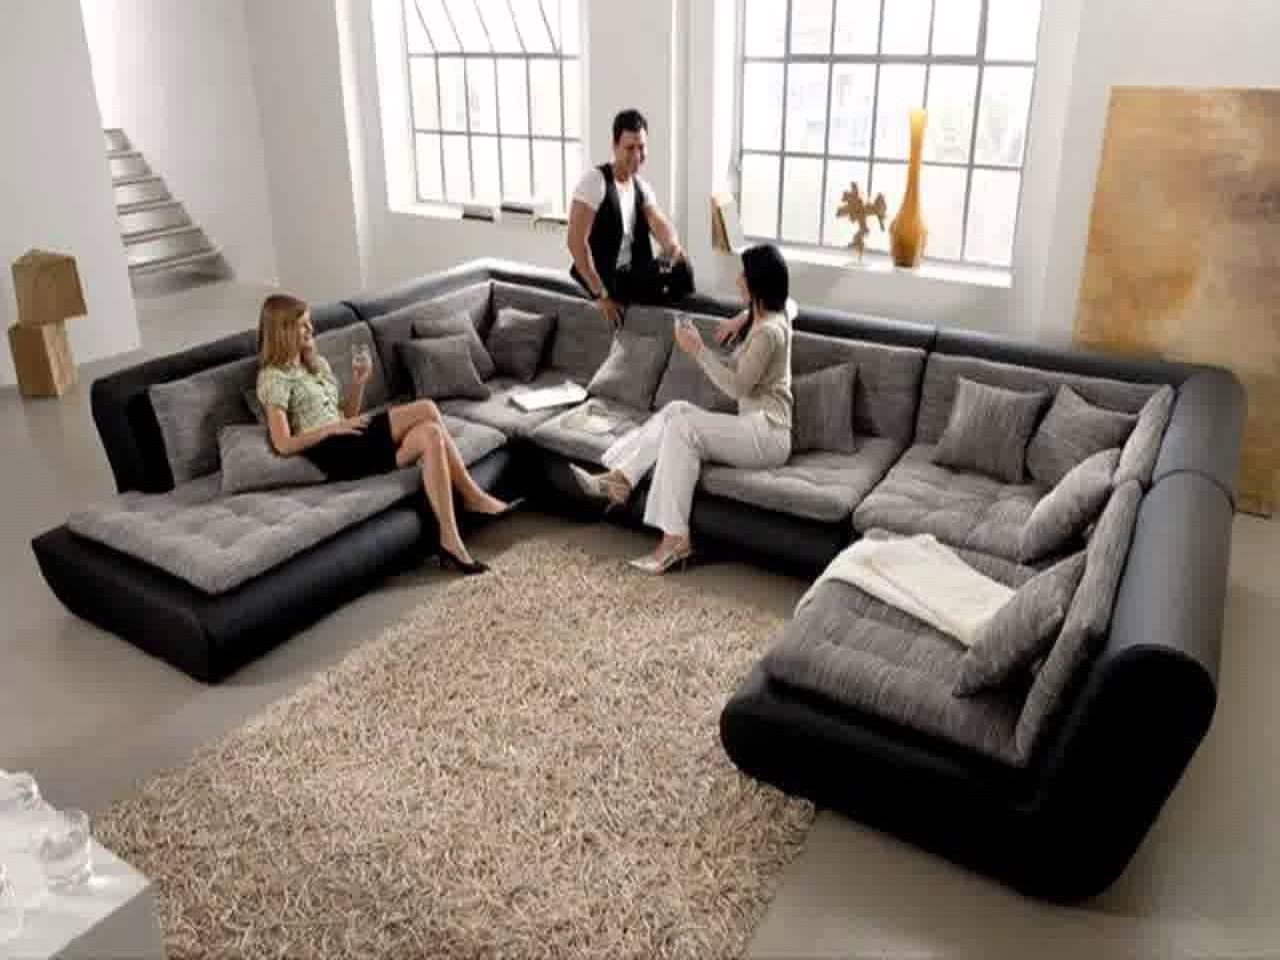 Favorite Sectional Sofas Bassett Youtube Best Sectional Sofa Brands Regarding Sectional Sofas At Bassett (View 4 of 15)